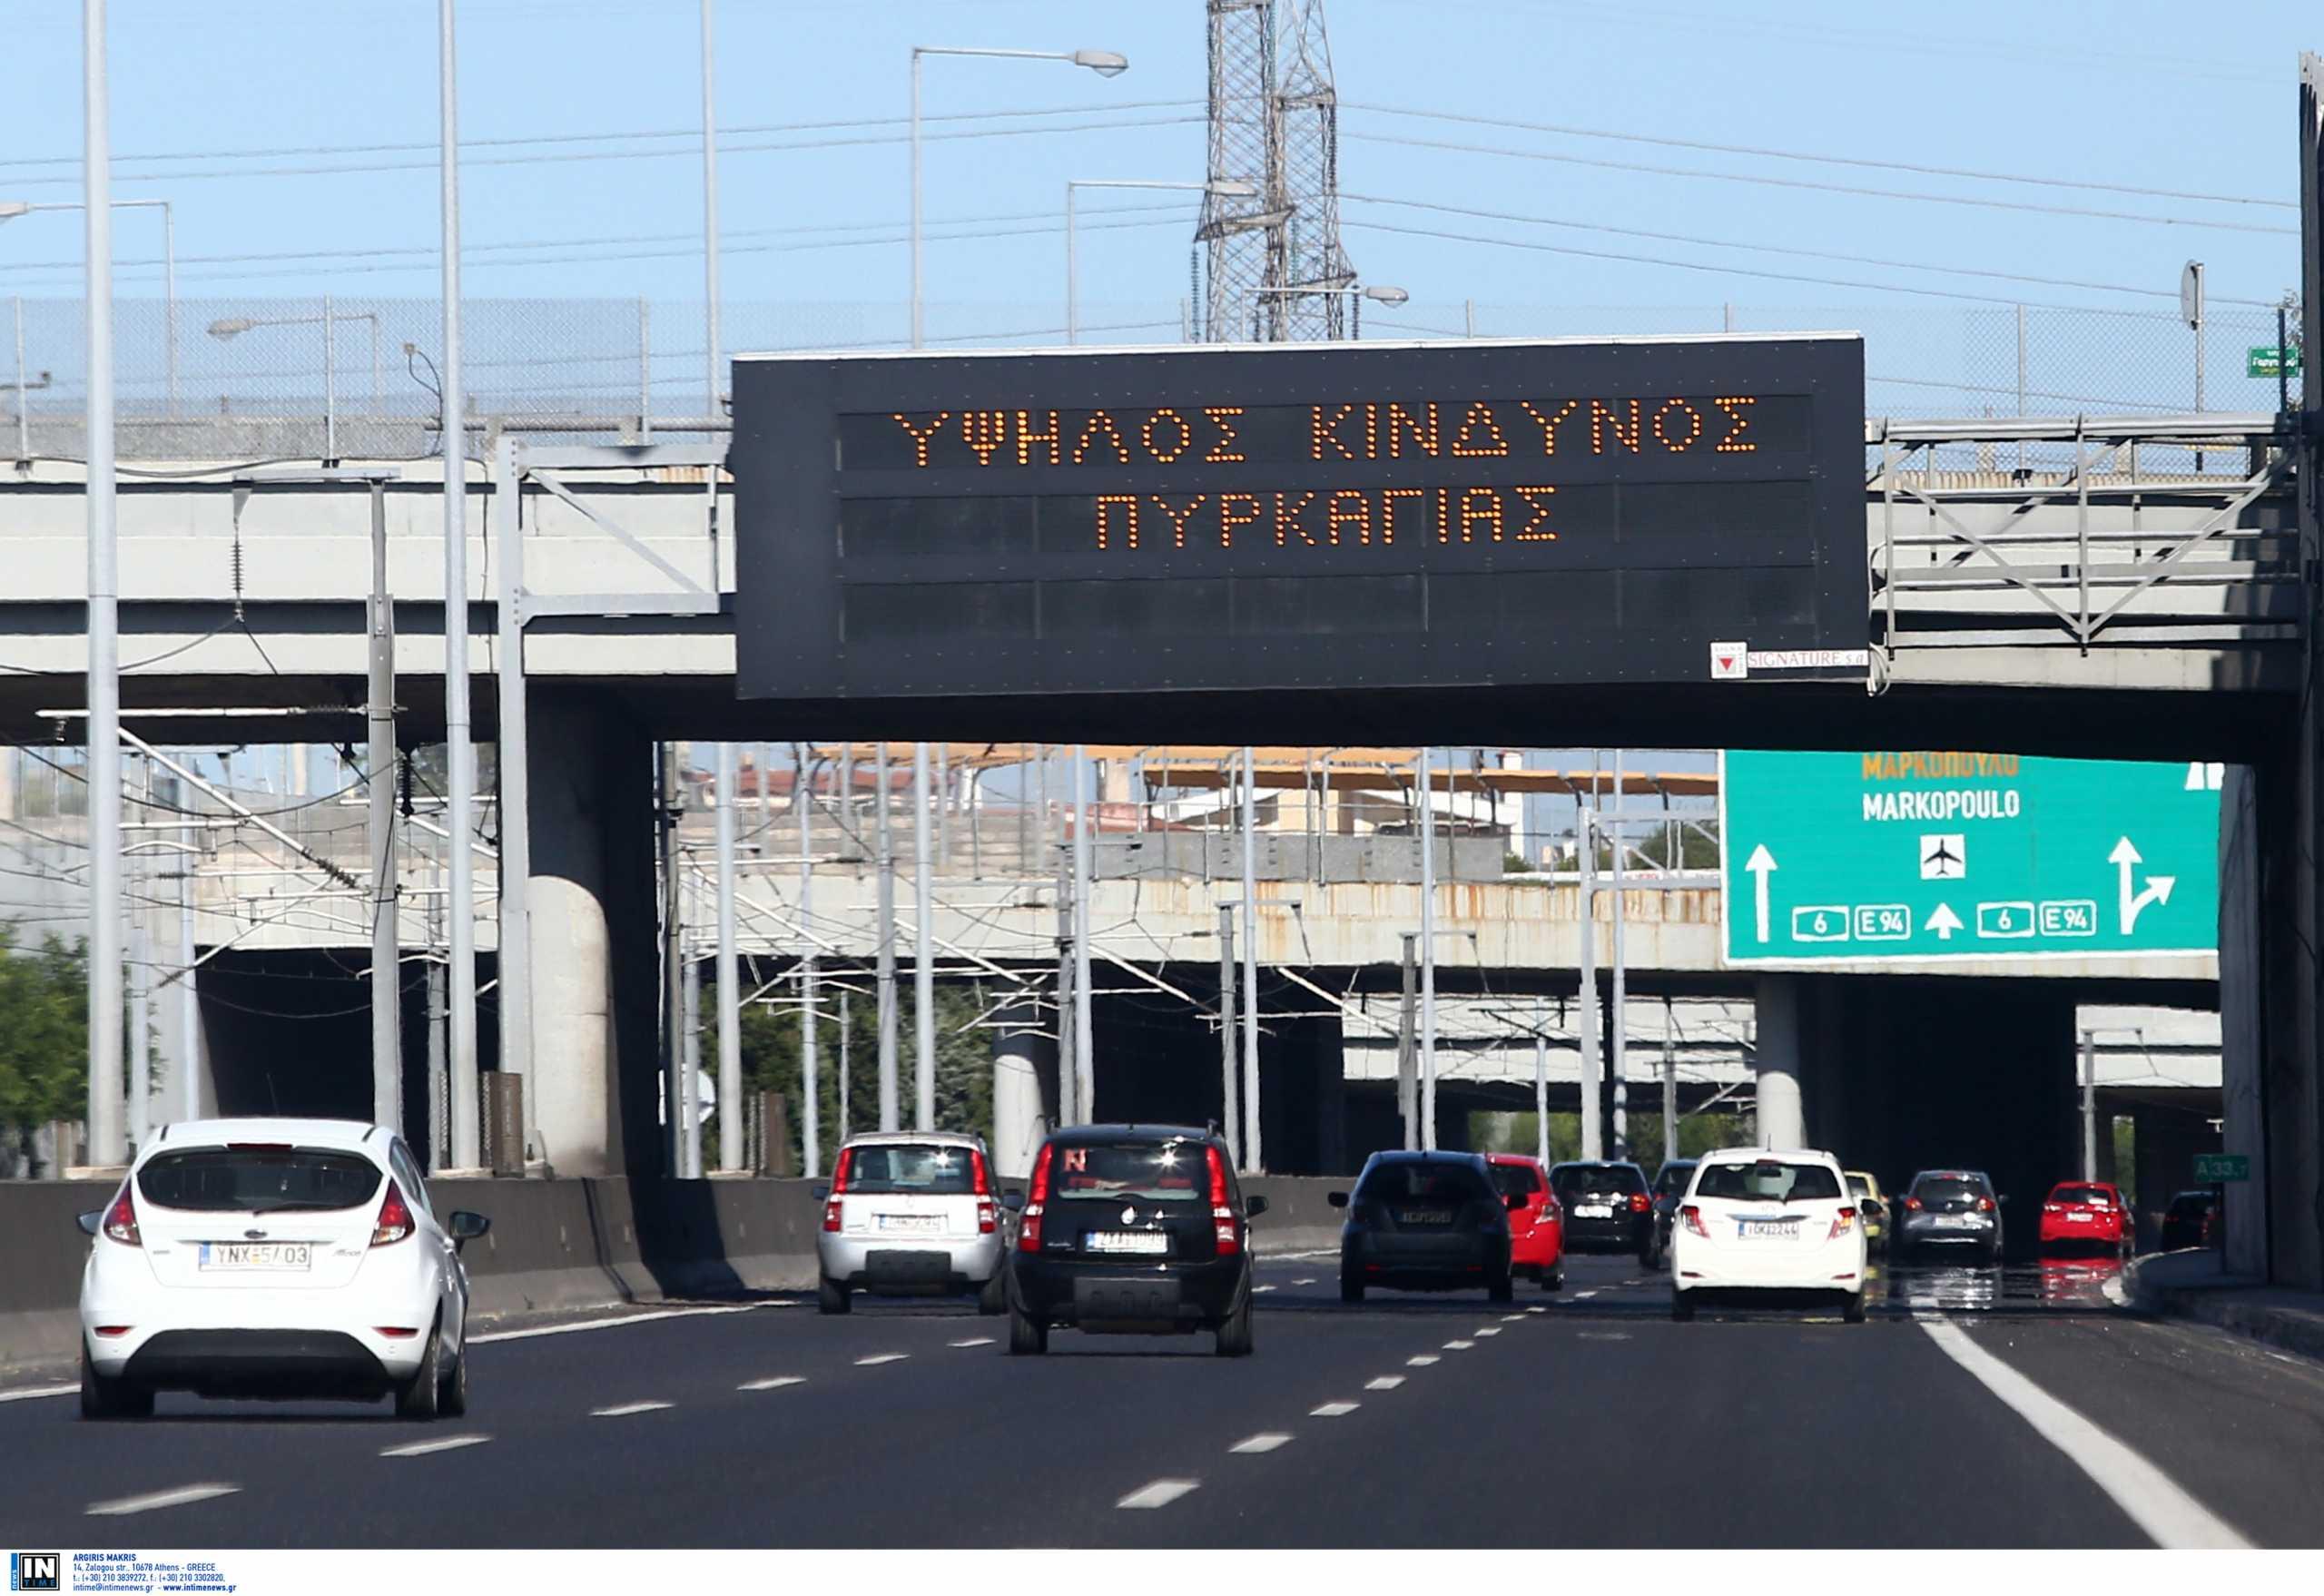 Καραμπόλα στην Αττική Οδό και μποτιλιάρισμα προς αεροδρόμιο